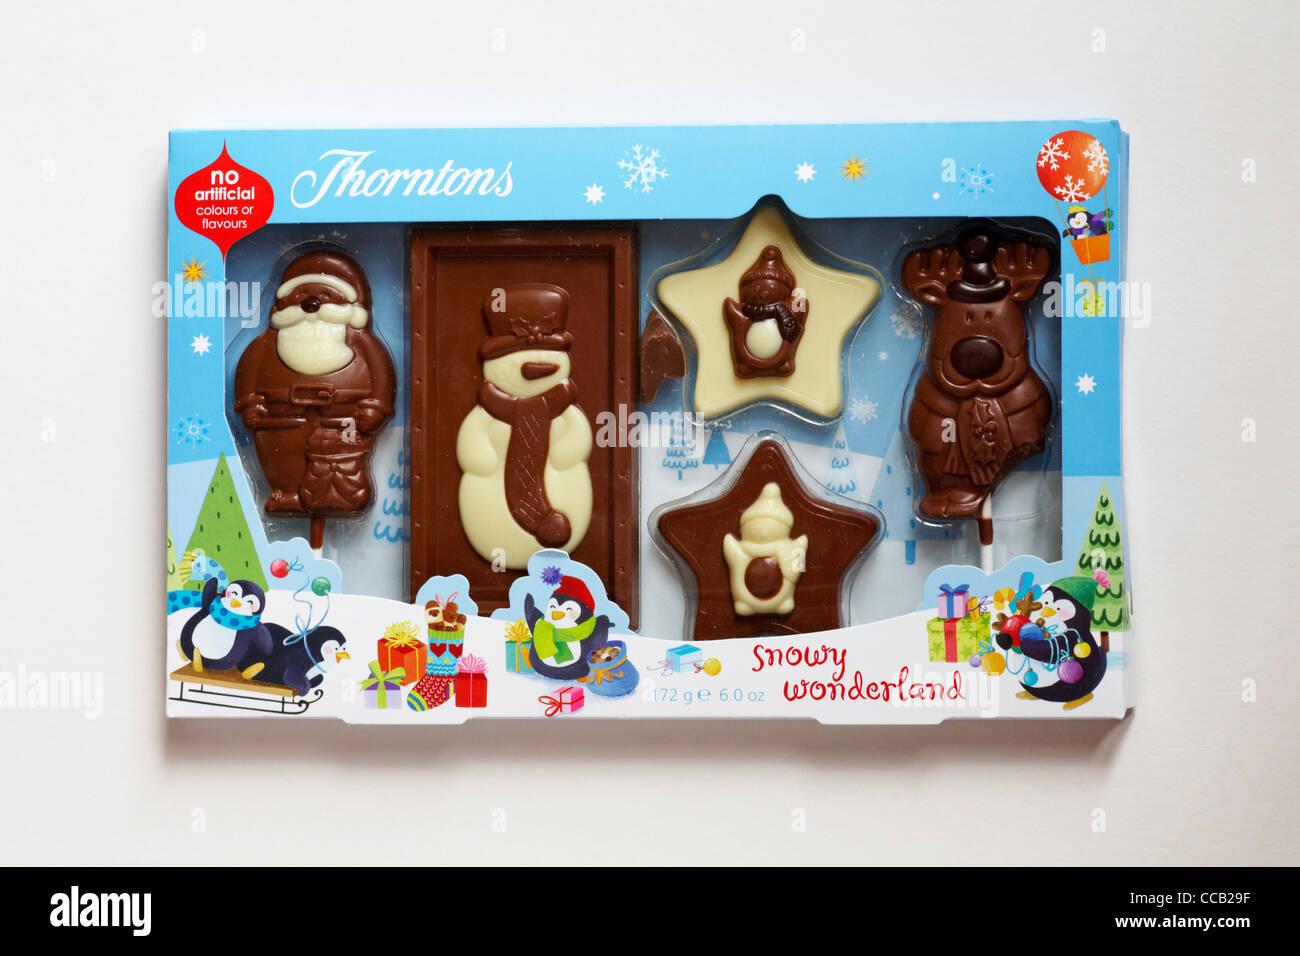 Box of Thorntons snowy wonderland chocolates isolated on white background - Stock Image